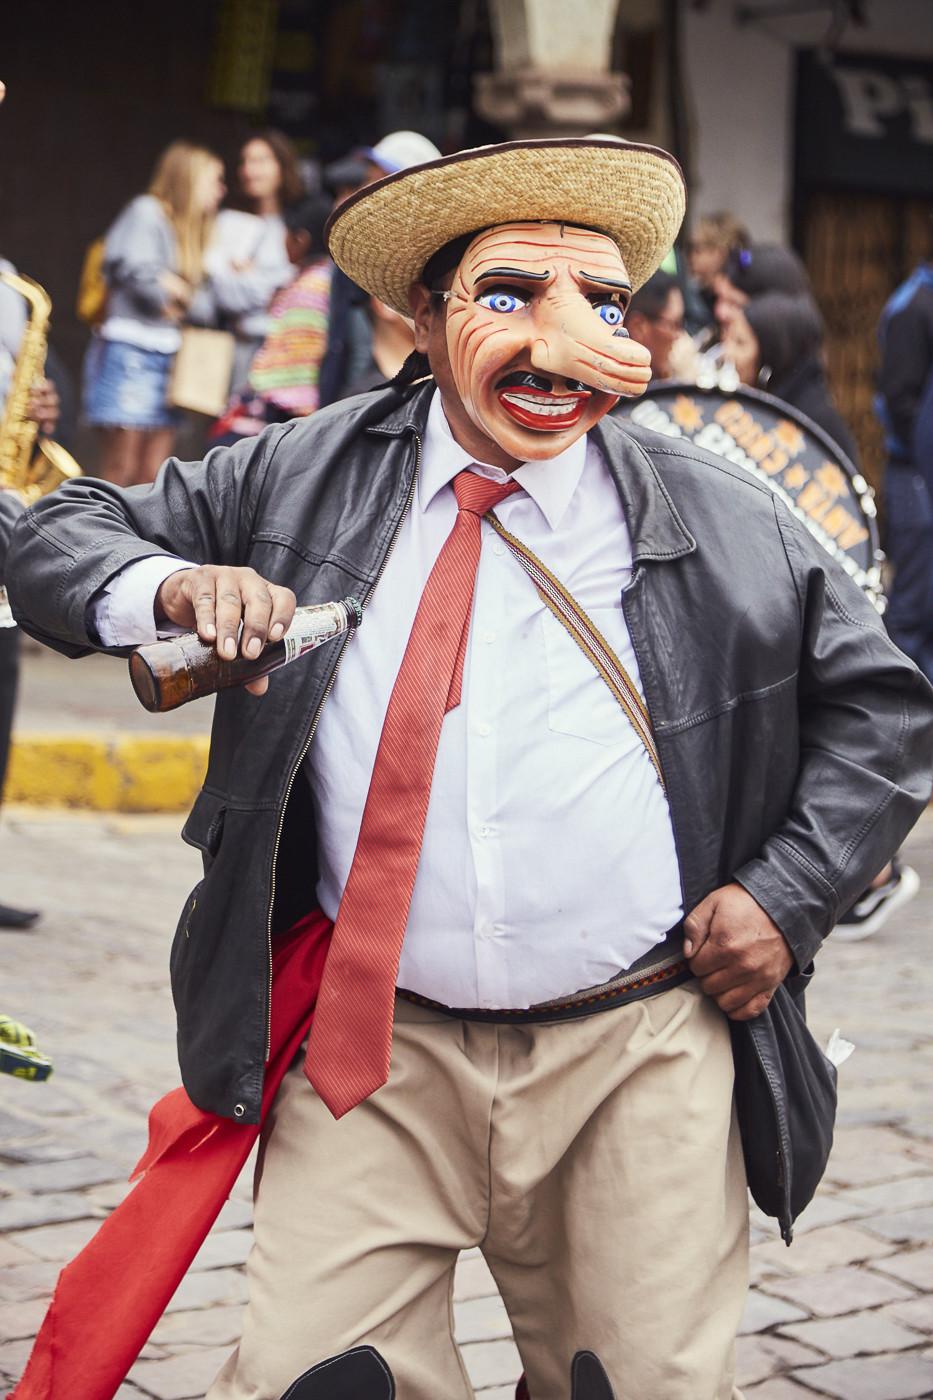 Tanzender Herr mit Bierflasche beim Umzug der Feier des Senor de Huanca in Peru